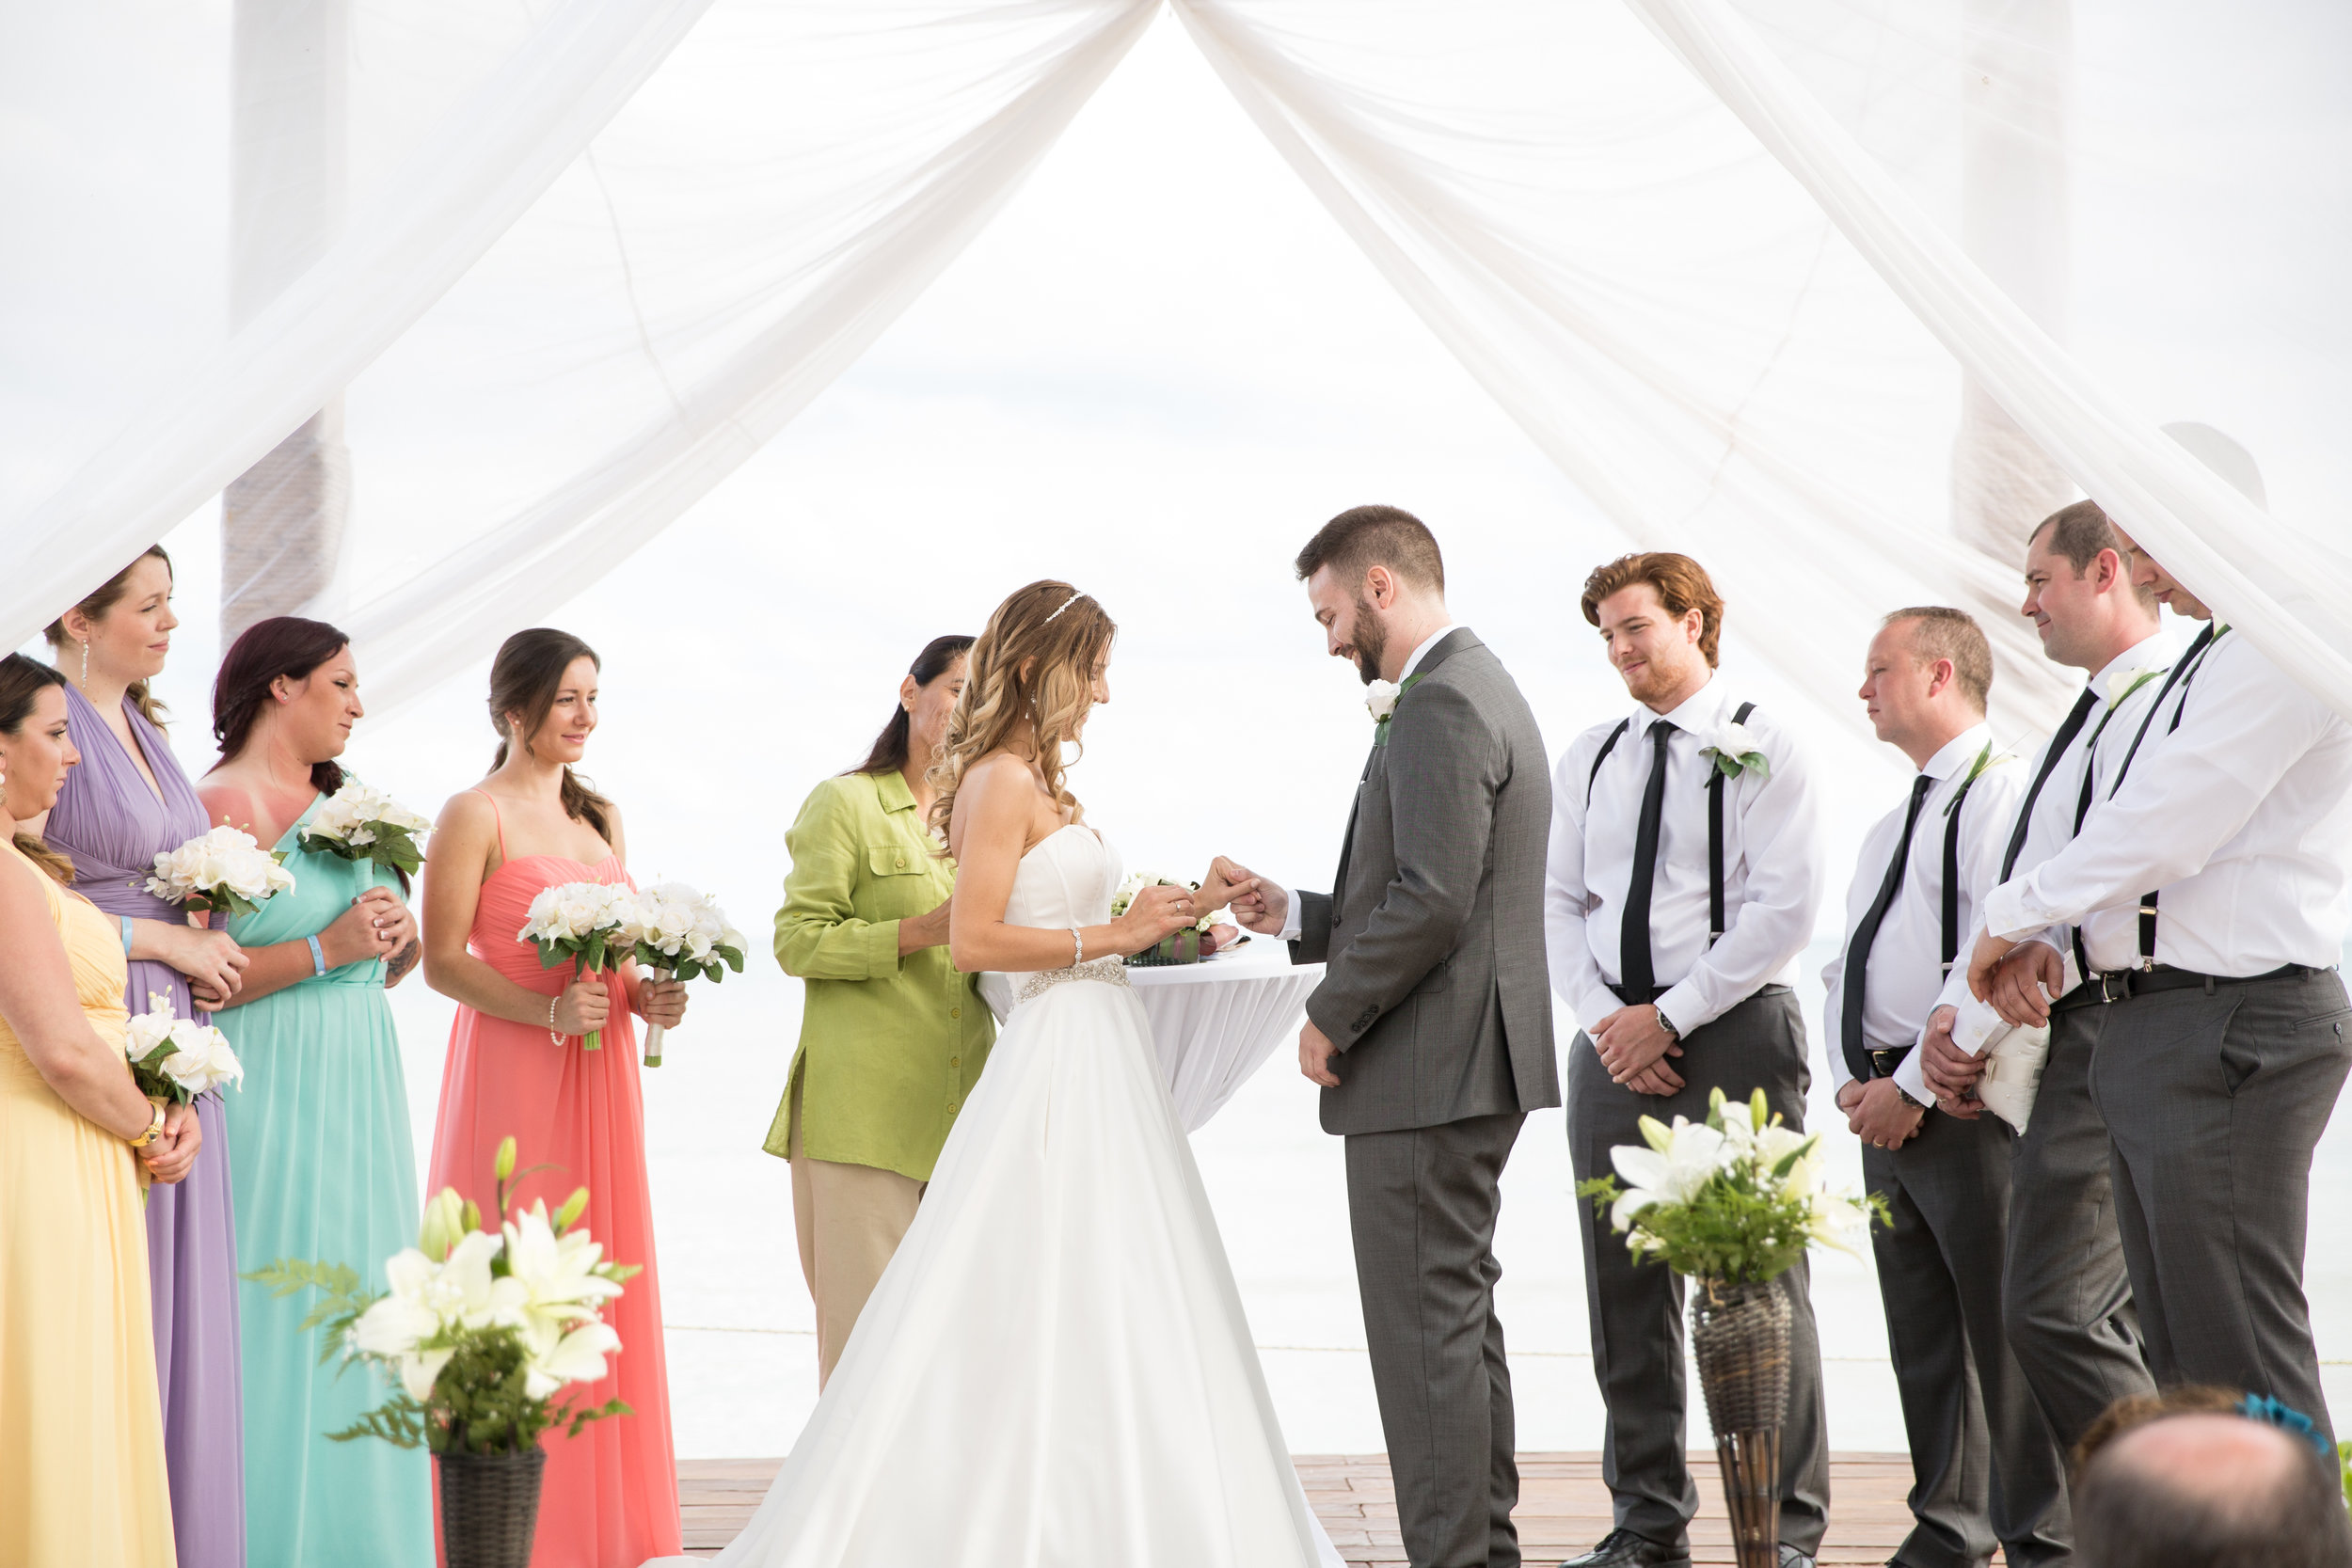 exchanging rings at beach wedding